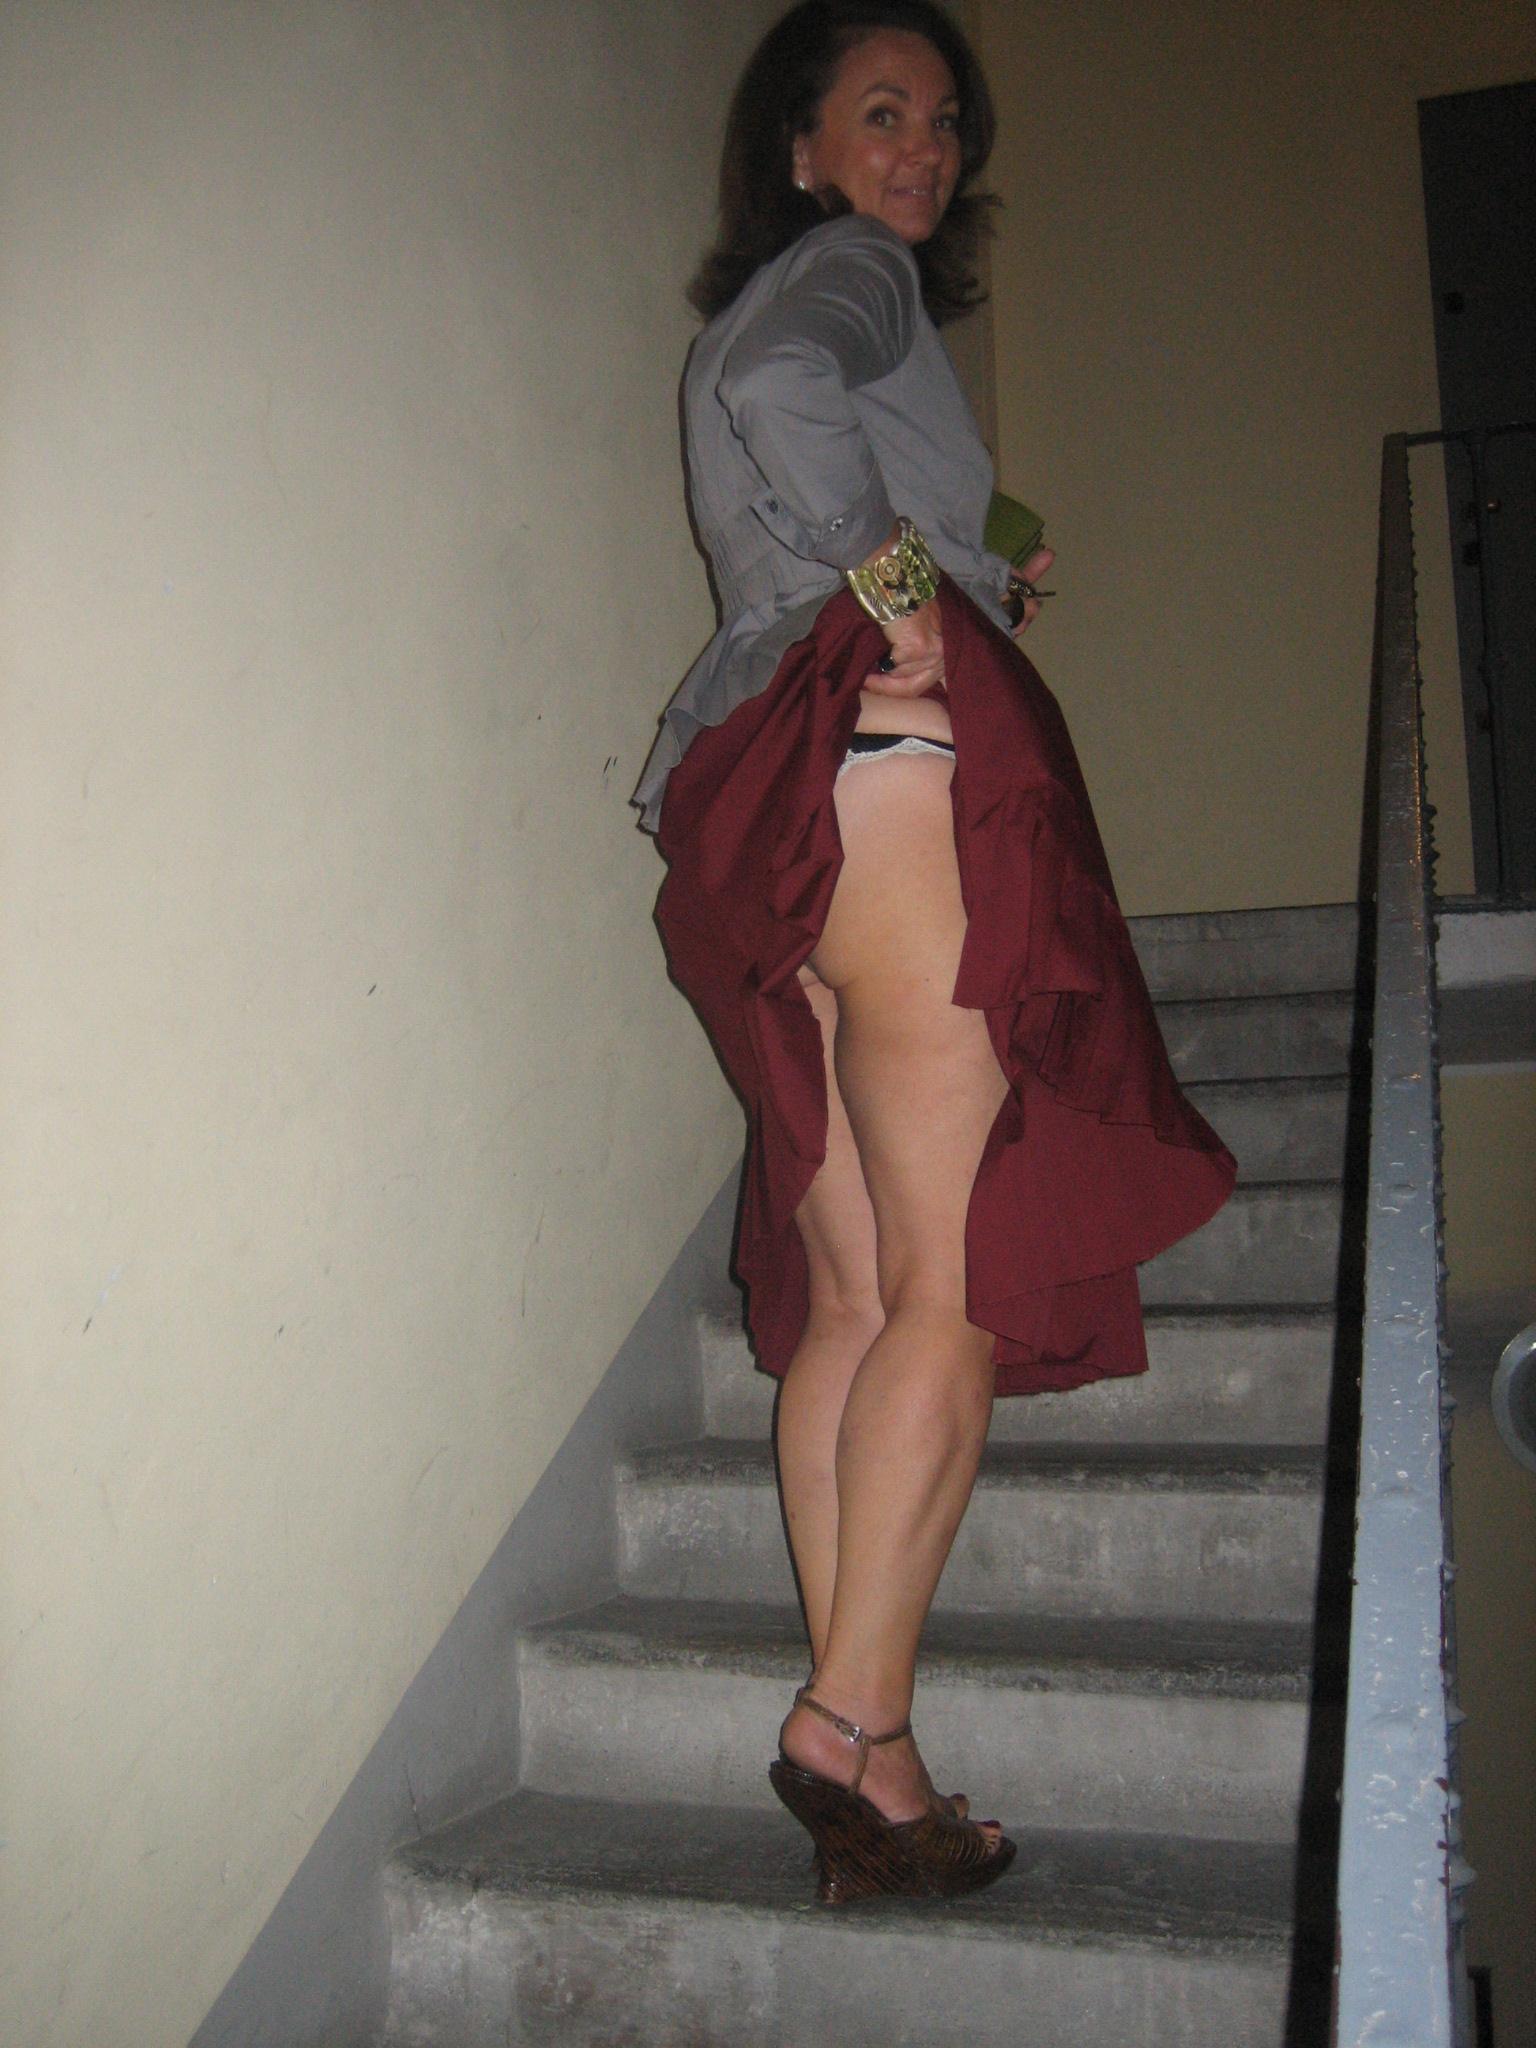 prostitutas maduritas prostitutas italianas